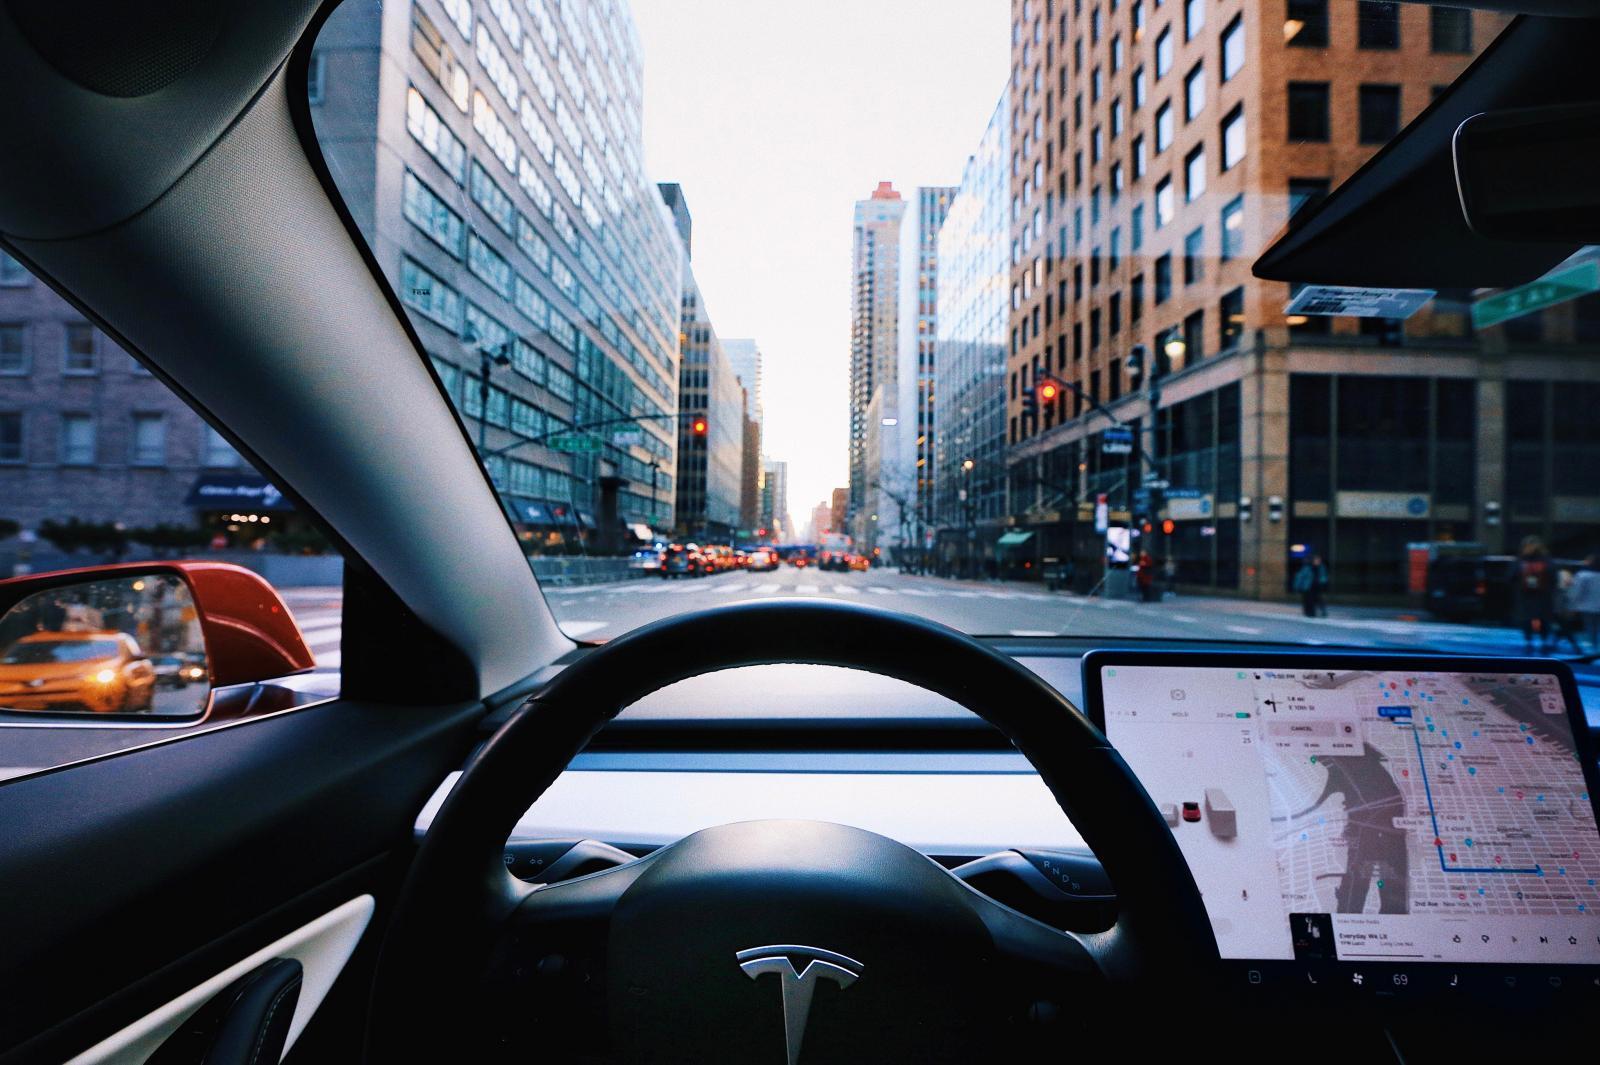 El temor a los vehículos autónomos crece en Estados Unidos